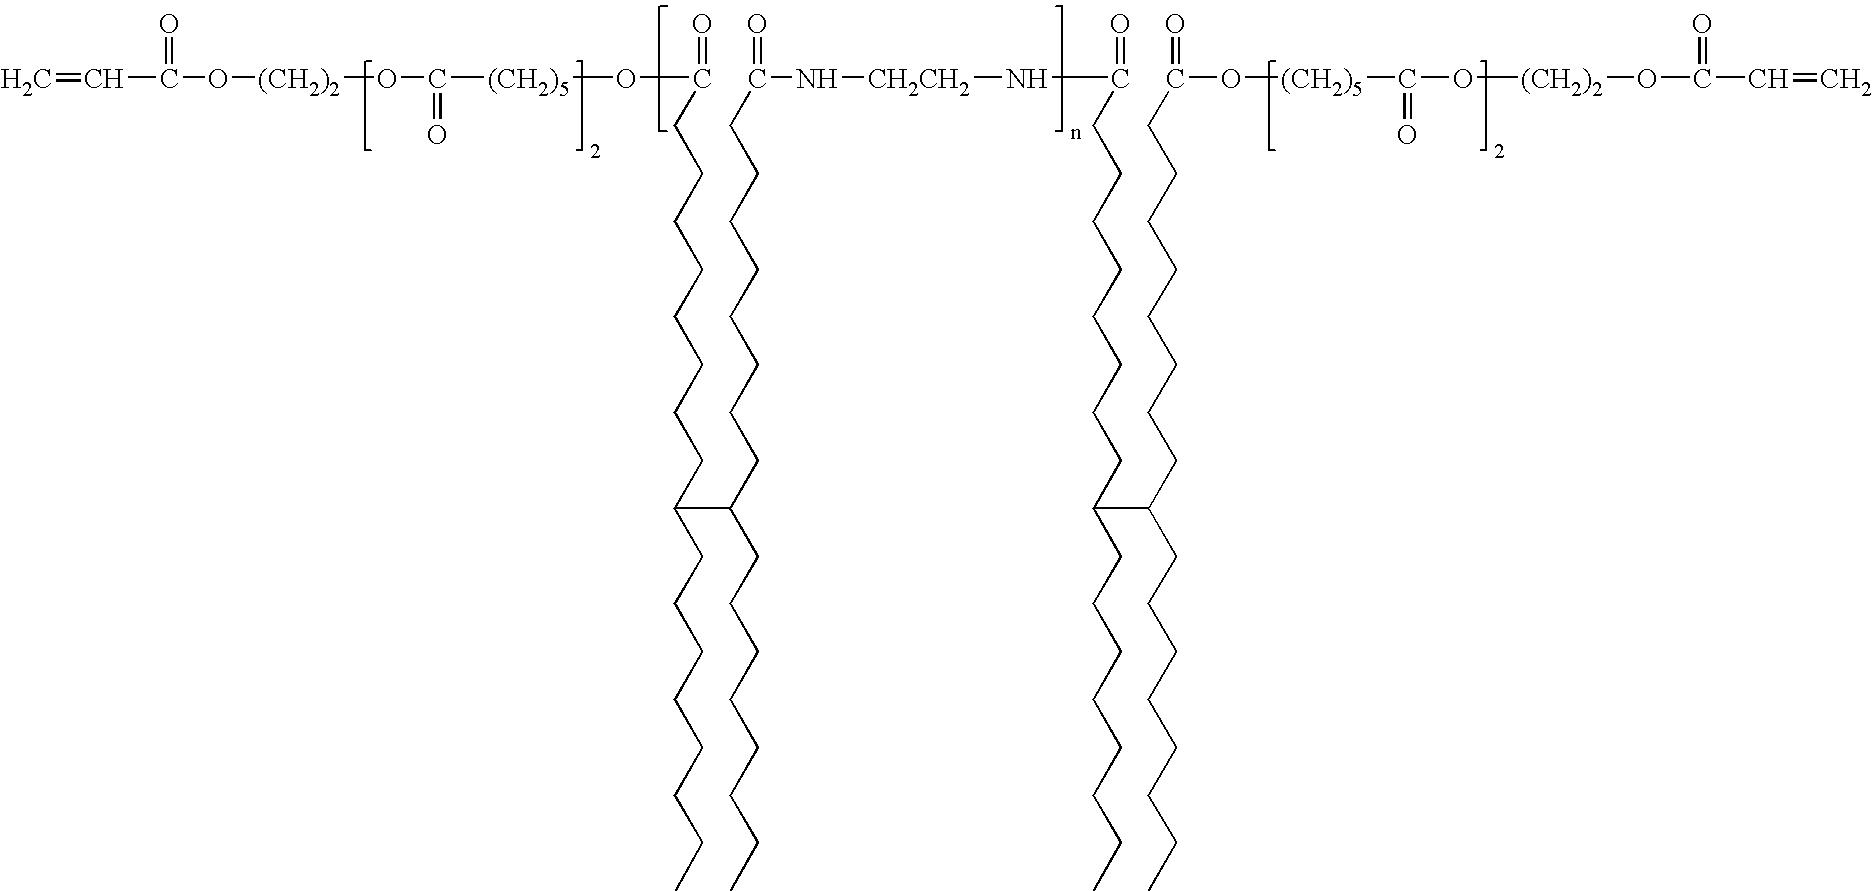 Figure US20070123724A1-20070531-C00047